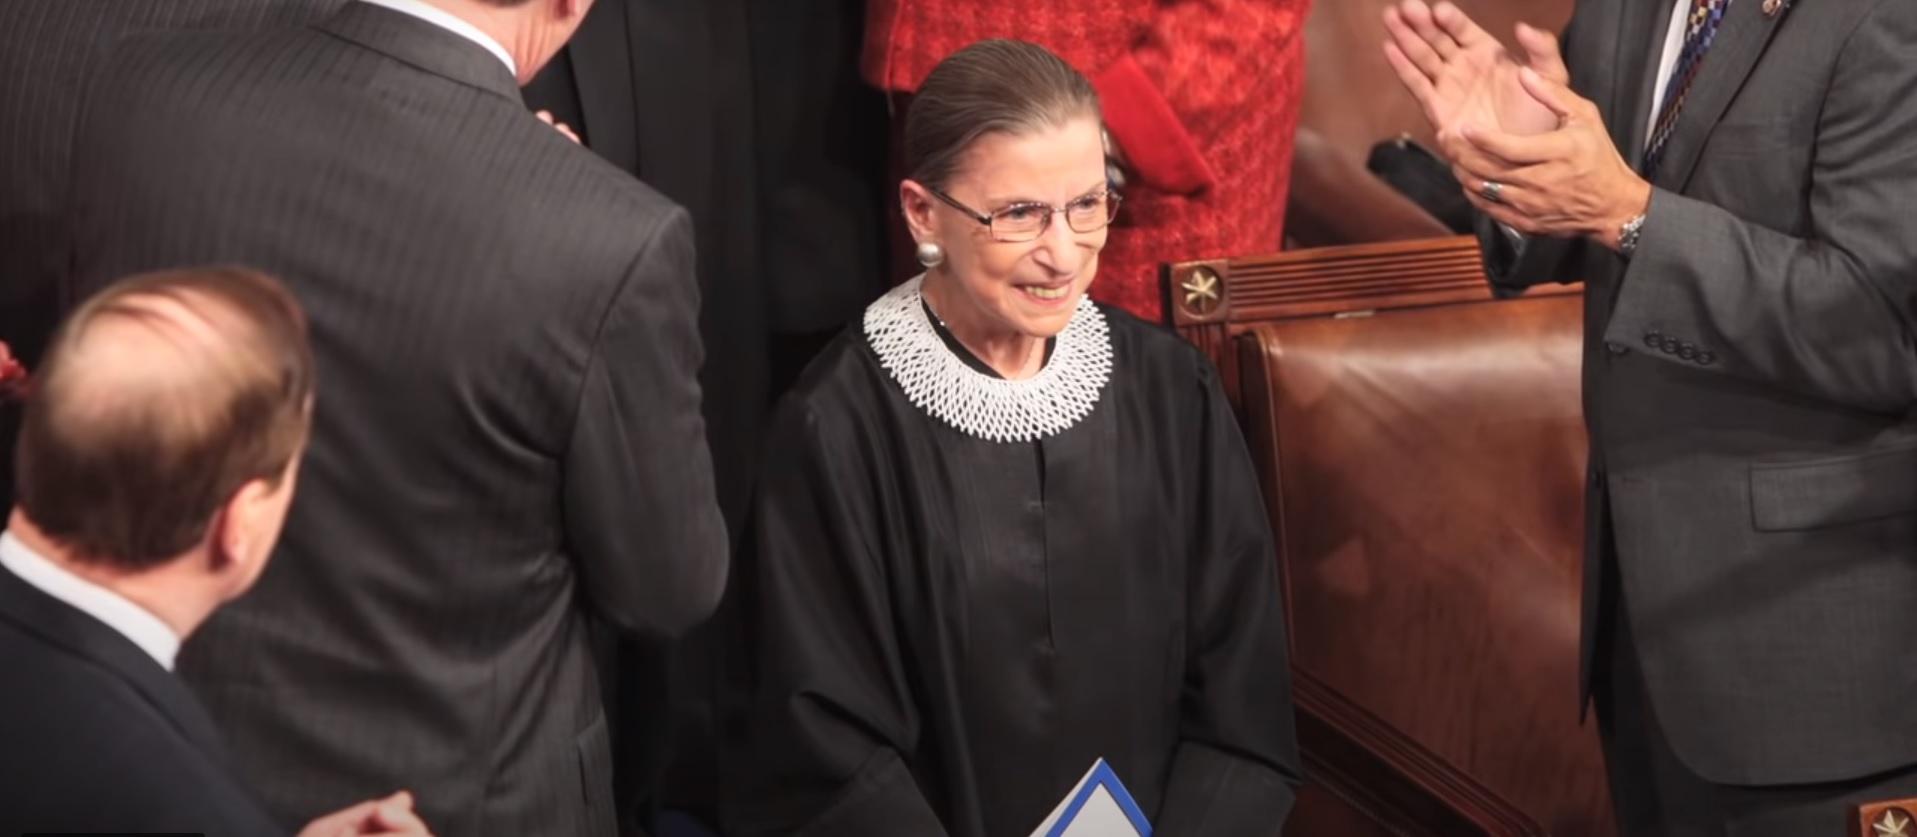 השופטת רות ביידר גינסבורג, מתוך ערוץ גלמור ביו טיוב